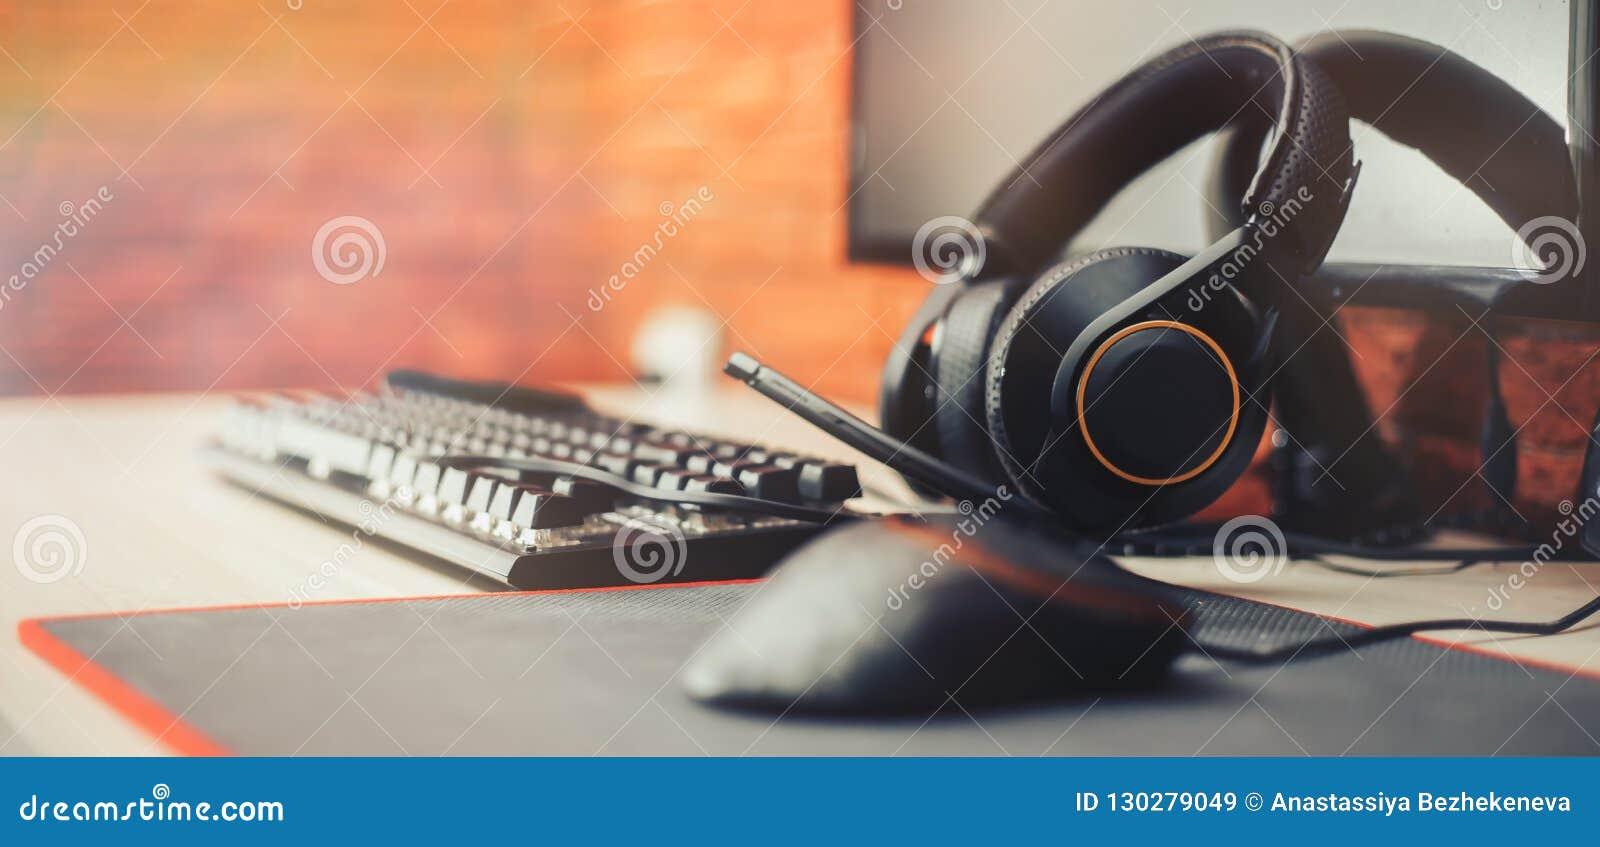 赌博与老鼠齿轮耳机计算机,在耳机的focuse的竞技场背景选择了focuse长的横幅